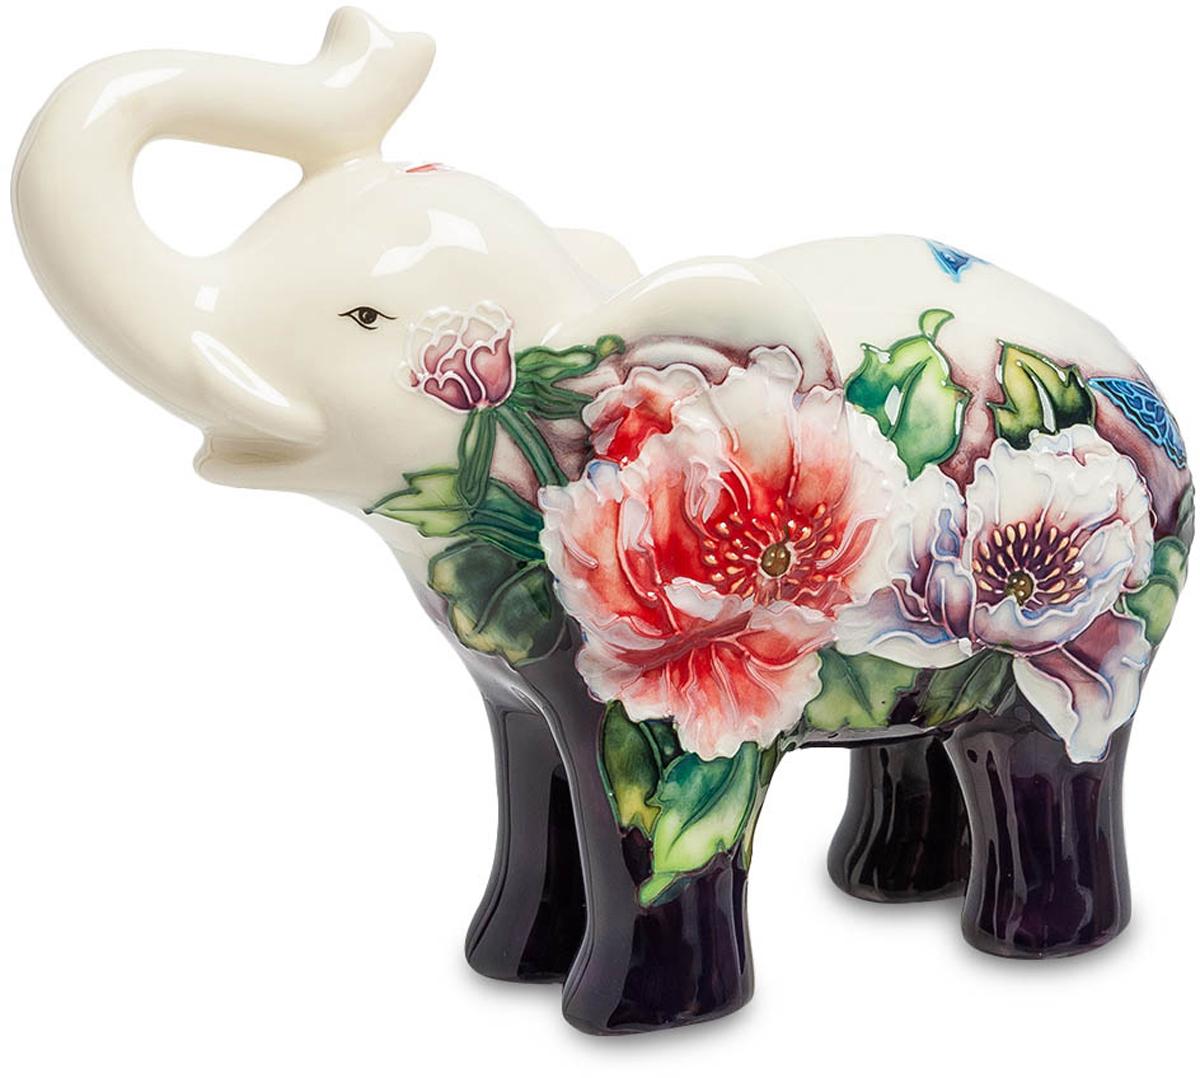 Статуэтка Pavone Слон, цвет: мультиколор. JP-247/ 8JP-247/ 8Статуэтка Pavone Слон выполнена из фарфора, длиной 17 см. Слон - символ мудрости, проницательности, доброжелательности и долголетия. Этот презент подойдёт абсолютно каждому!